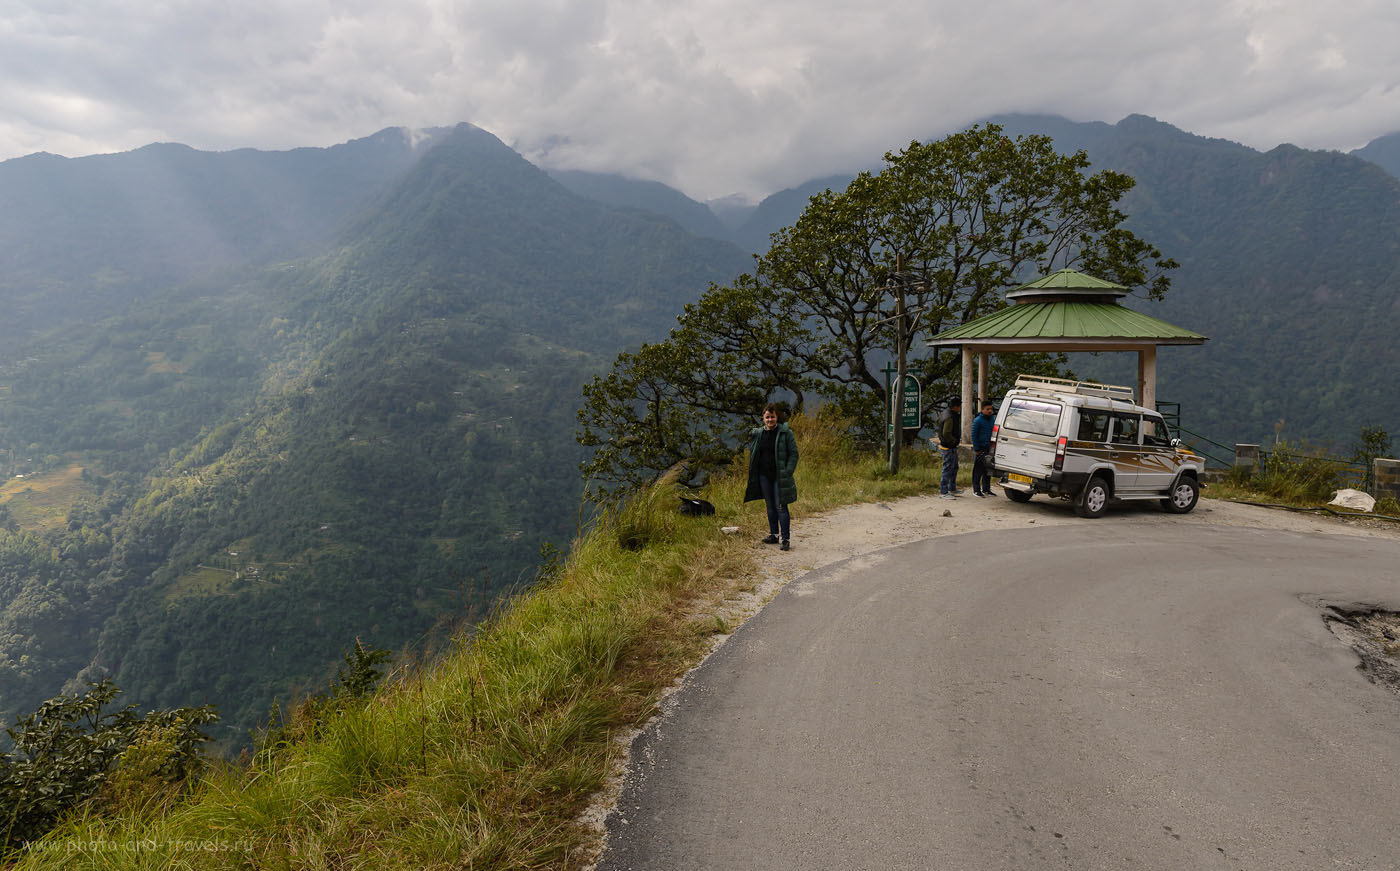 Фото 3. Остановка в горах по дороге в деревню Лачунг (Lachung). Отзыв об экскурсии в долину Yumthang Valley в штате Сикким в Индии. 8.0, 1/160, 160, -0.7 EV, 24.